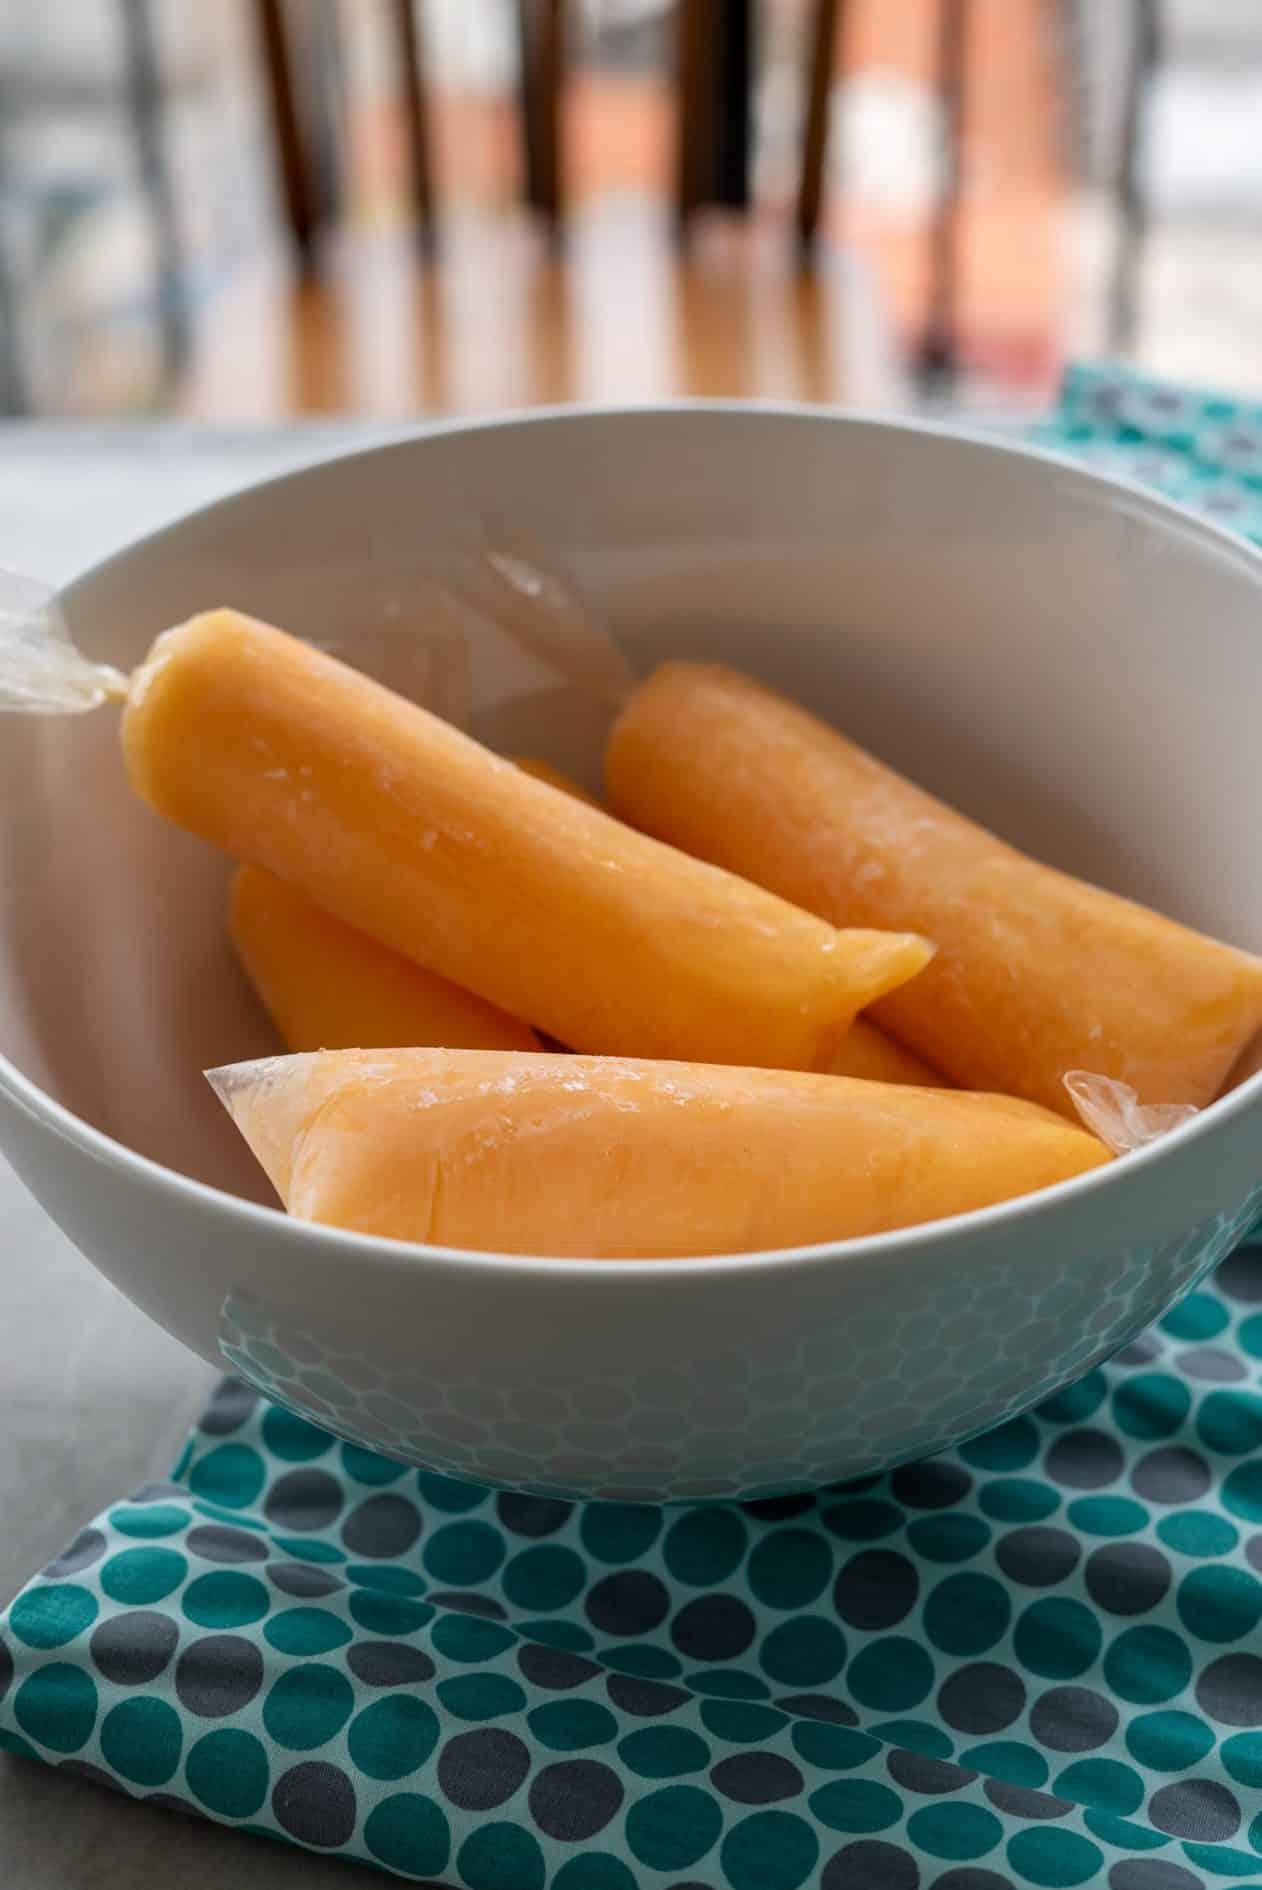 geladinho de laranja, cenoura, maçã e iogurte